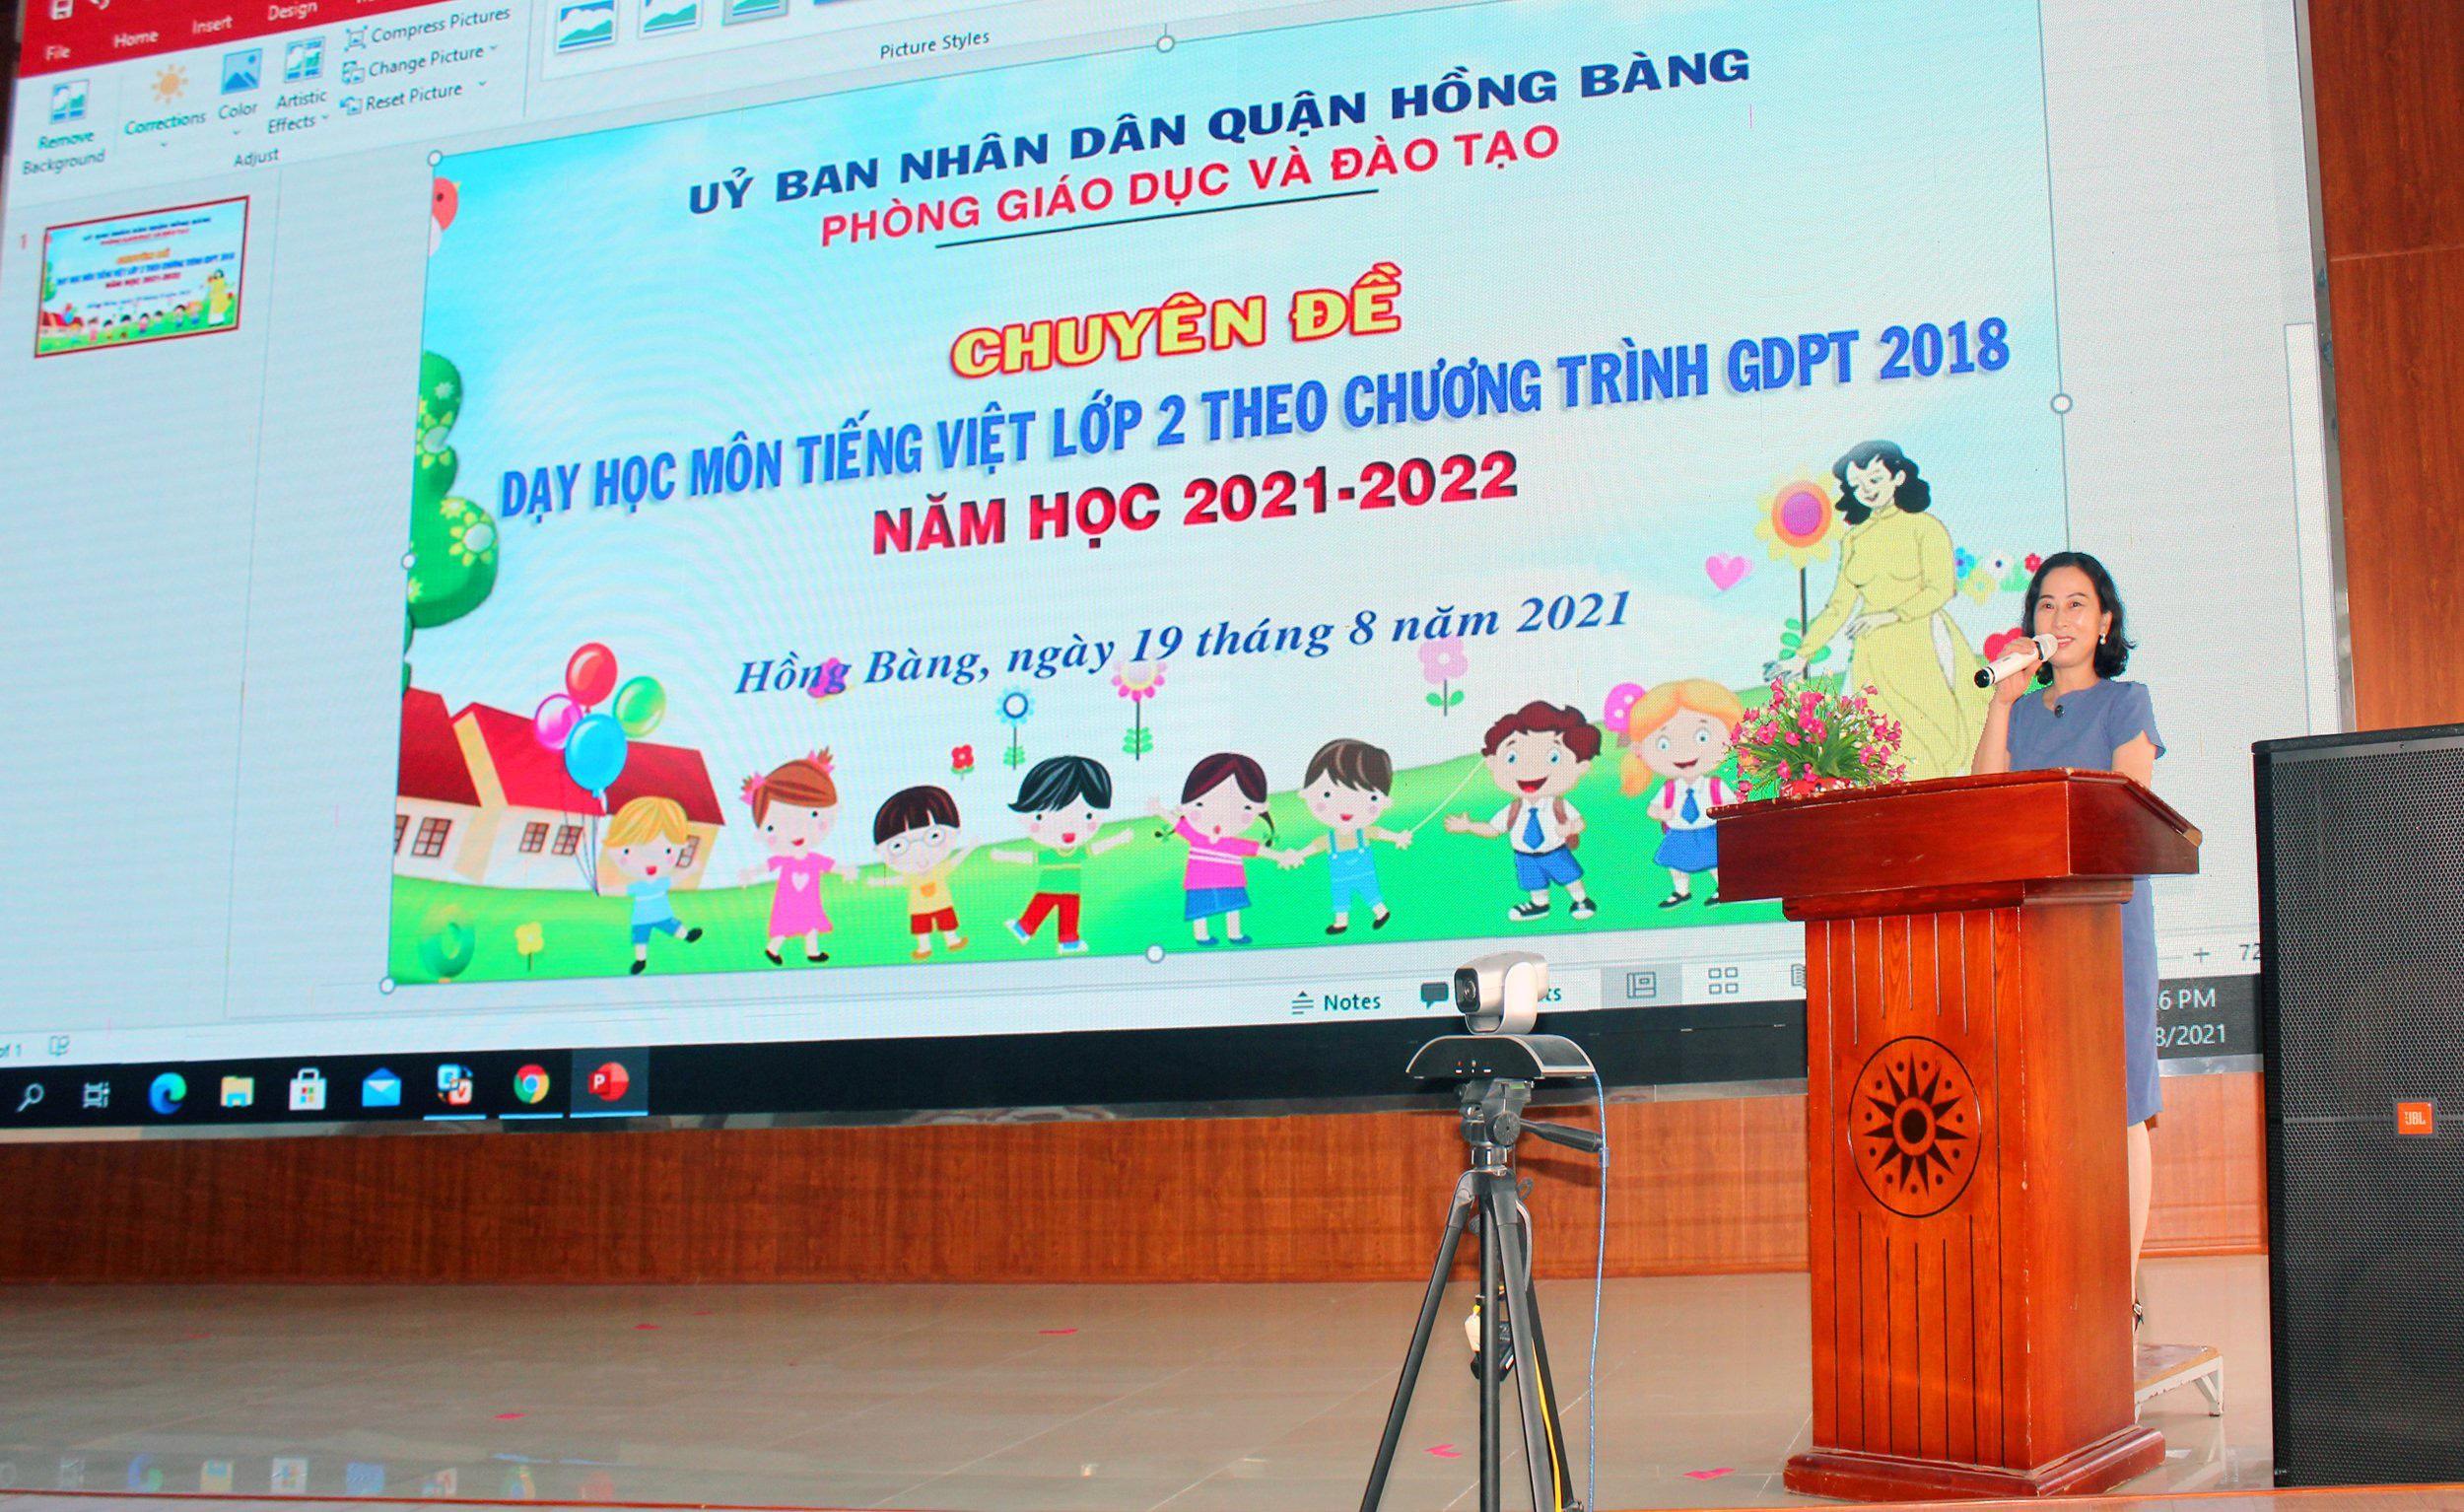 Bồi dưỡng chuyên môn môn Tiếng Việt lớp 2 Chương trình GDPT 2018 năm học 2021-2022.